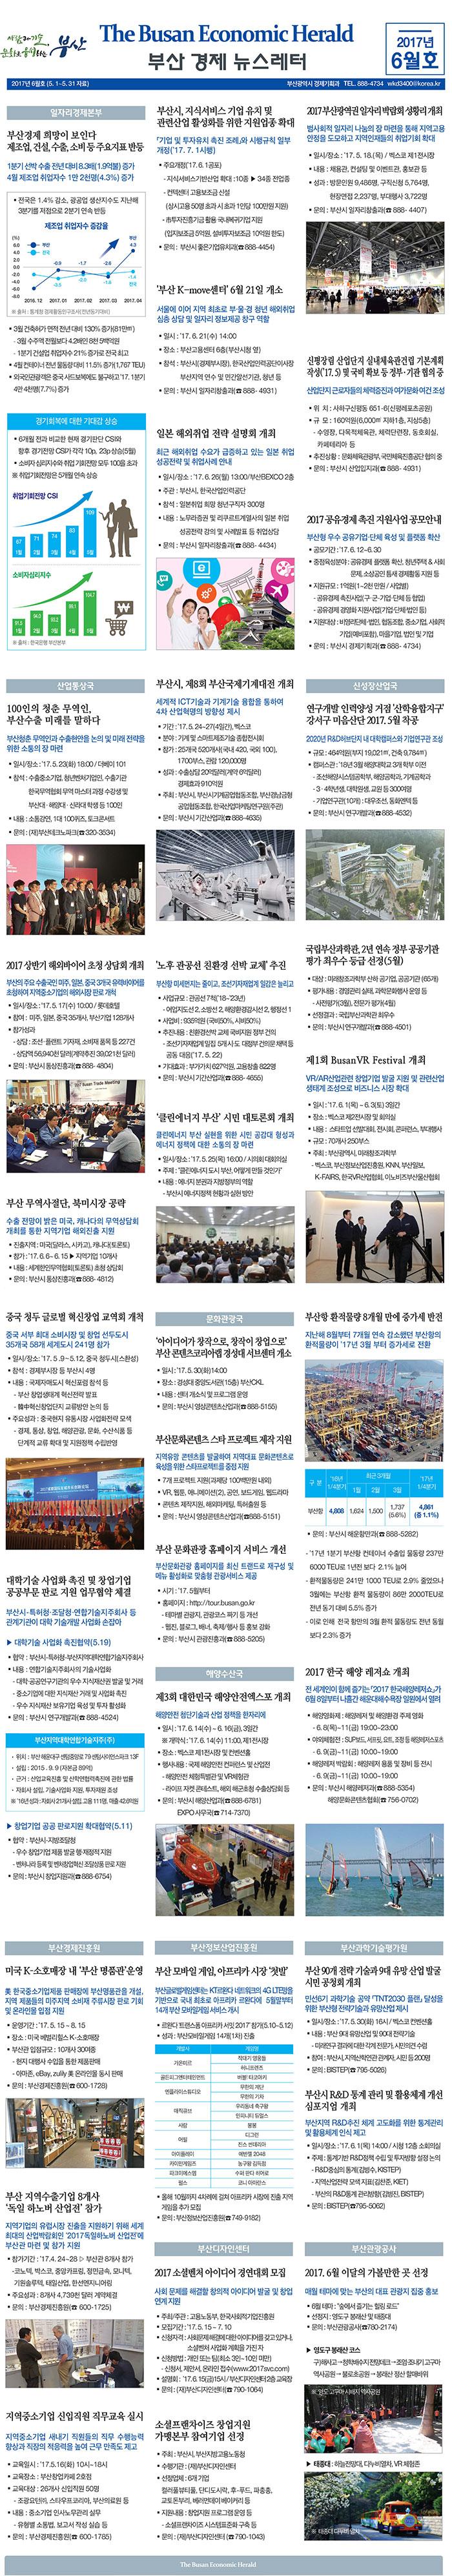 [부산경제뉴스레터] 2017년 6월호 (5.1~5.31 자료)